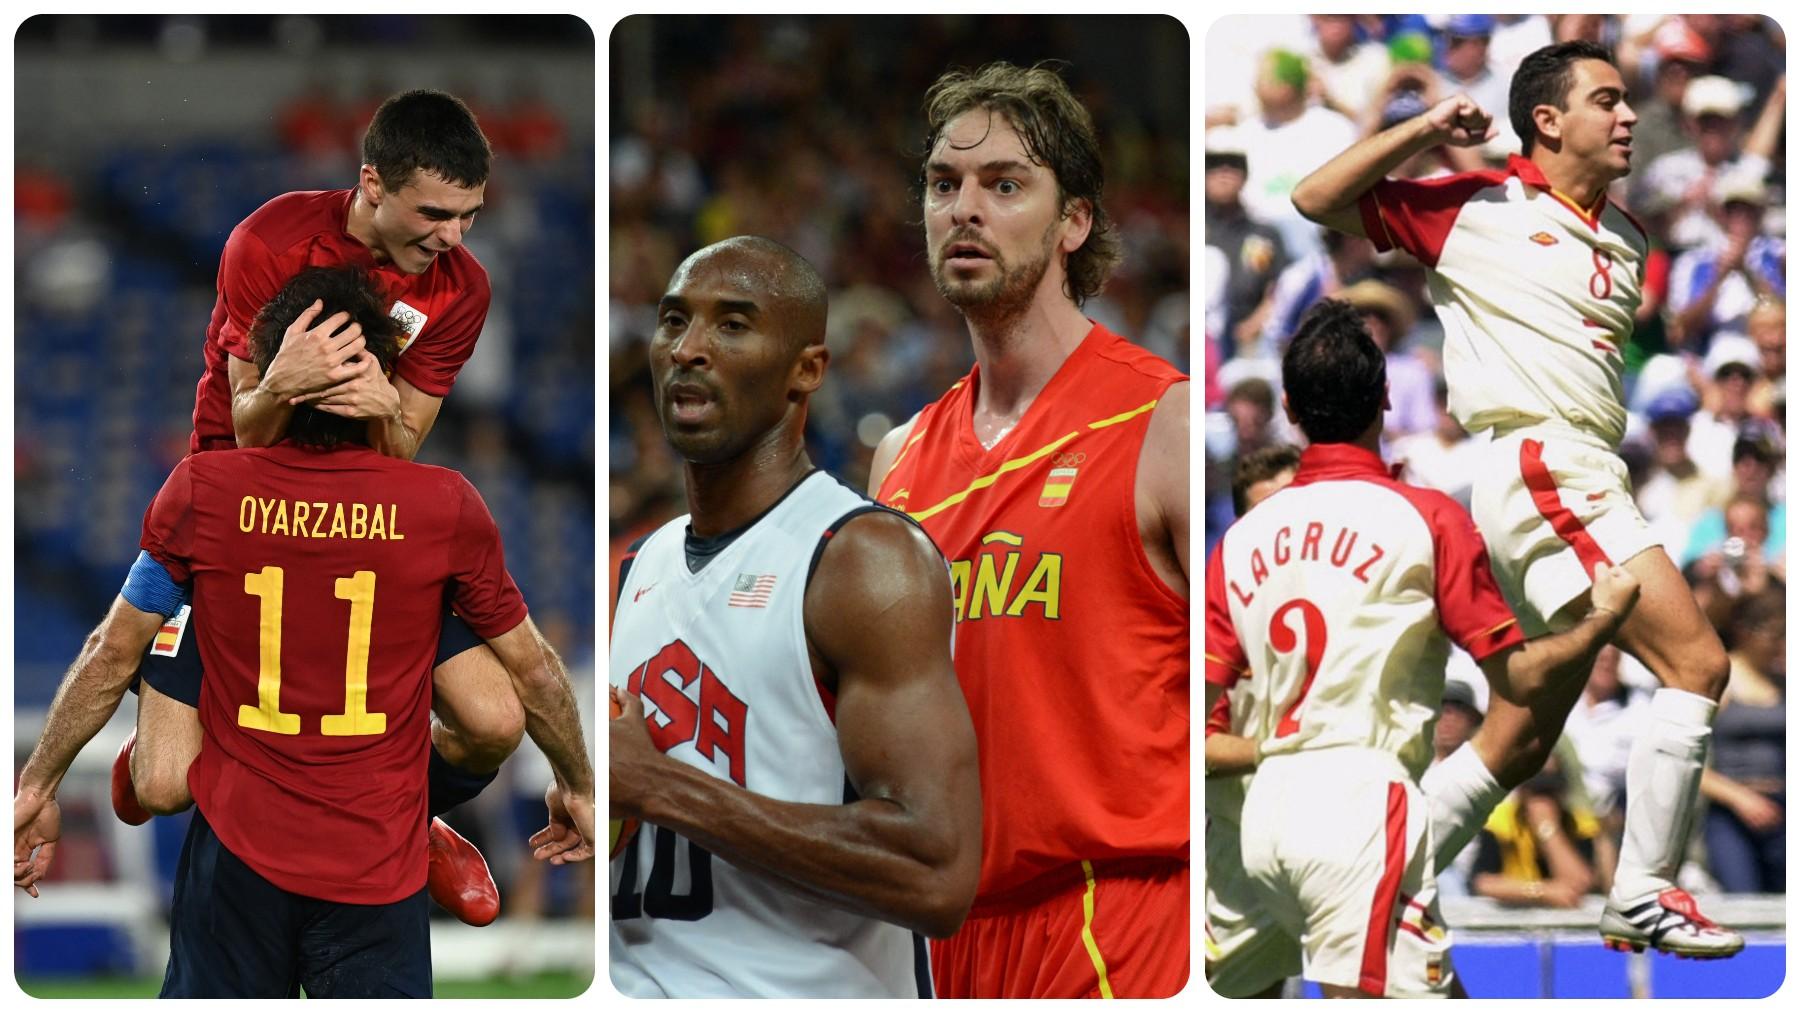 La maldición de España en las finales de los Juegos Olímpicos. (AFP)